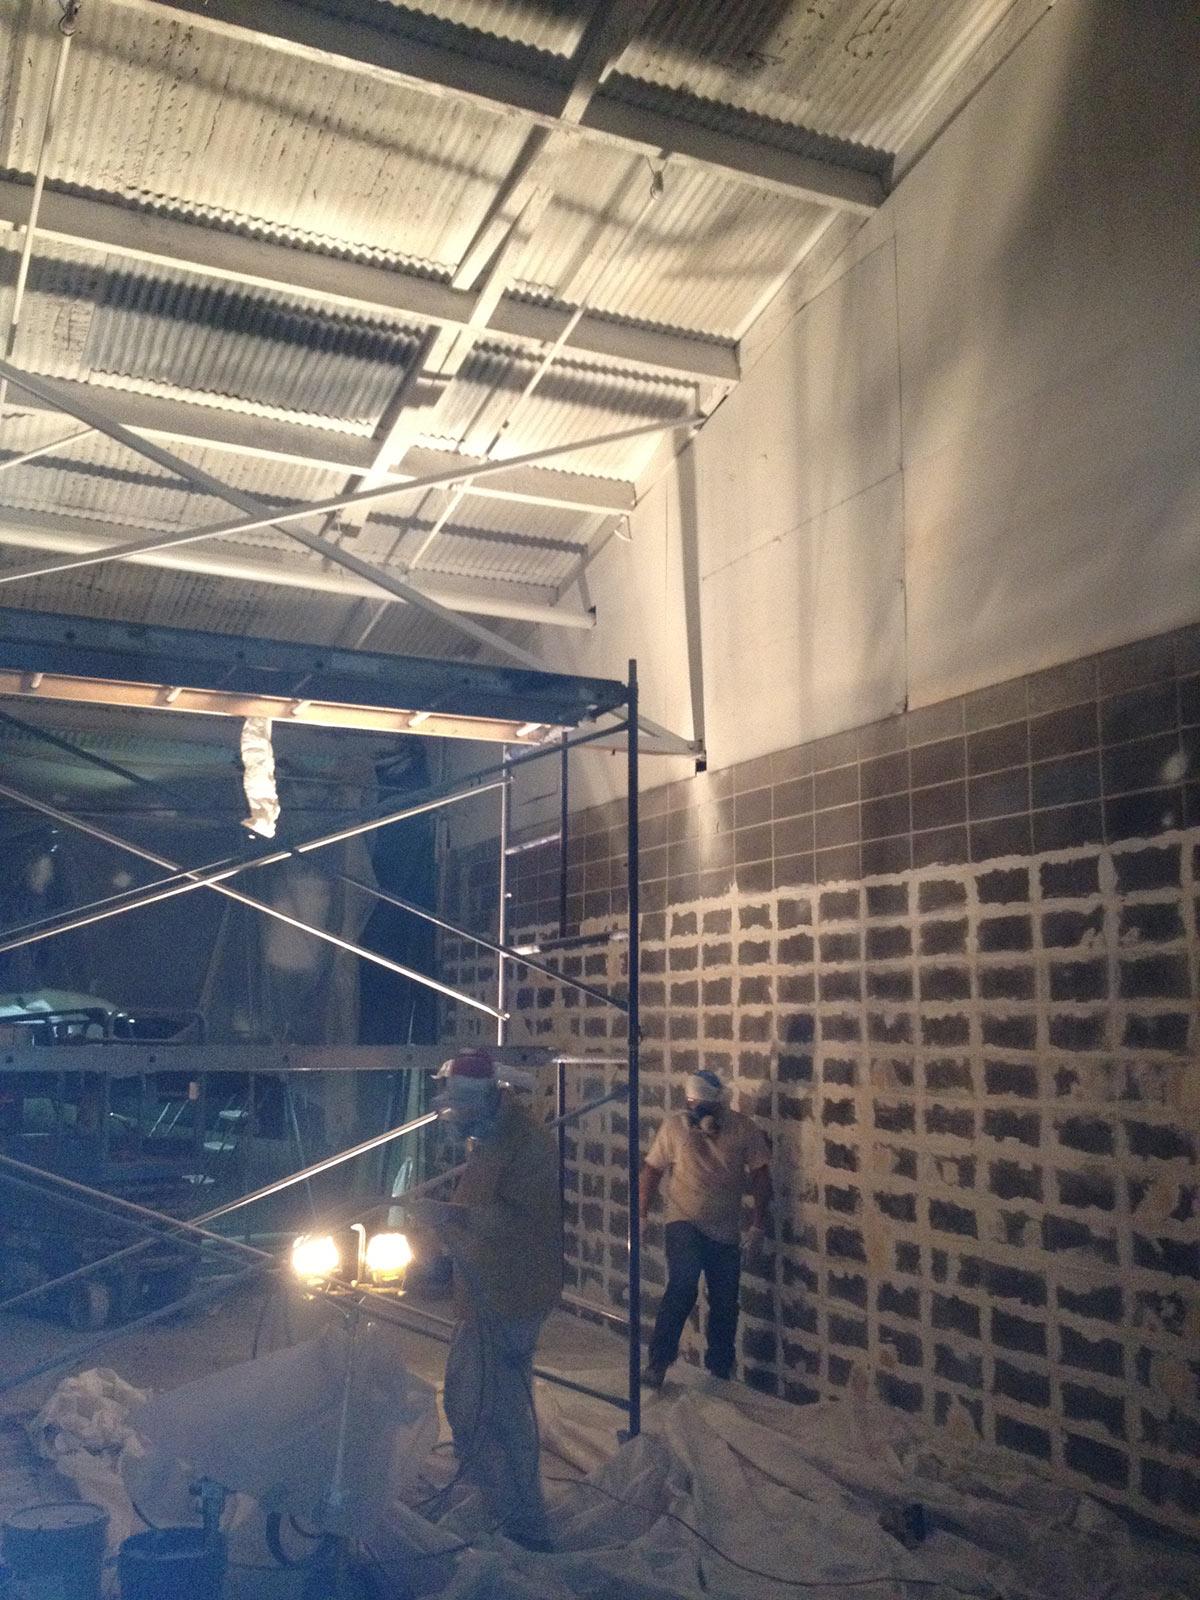 Wall-Systems7-Zacky-New-Hangroom-2012-3